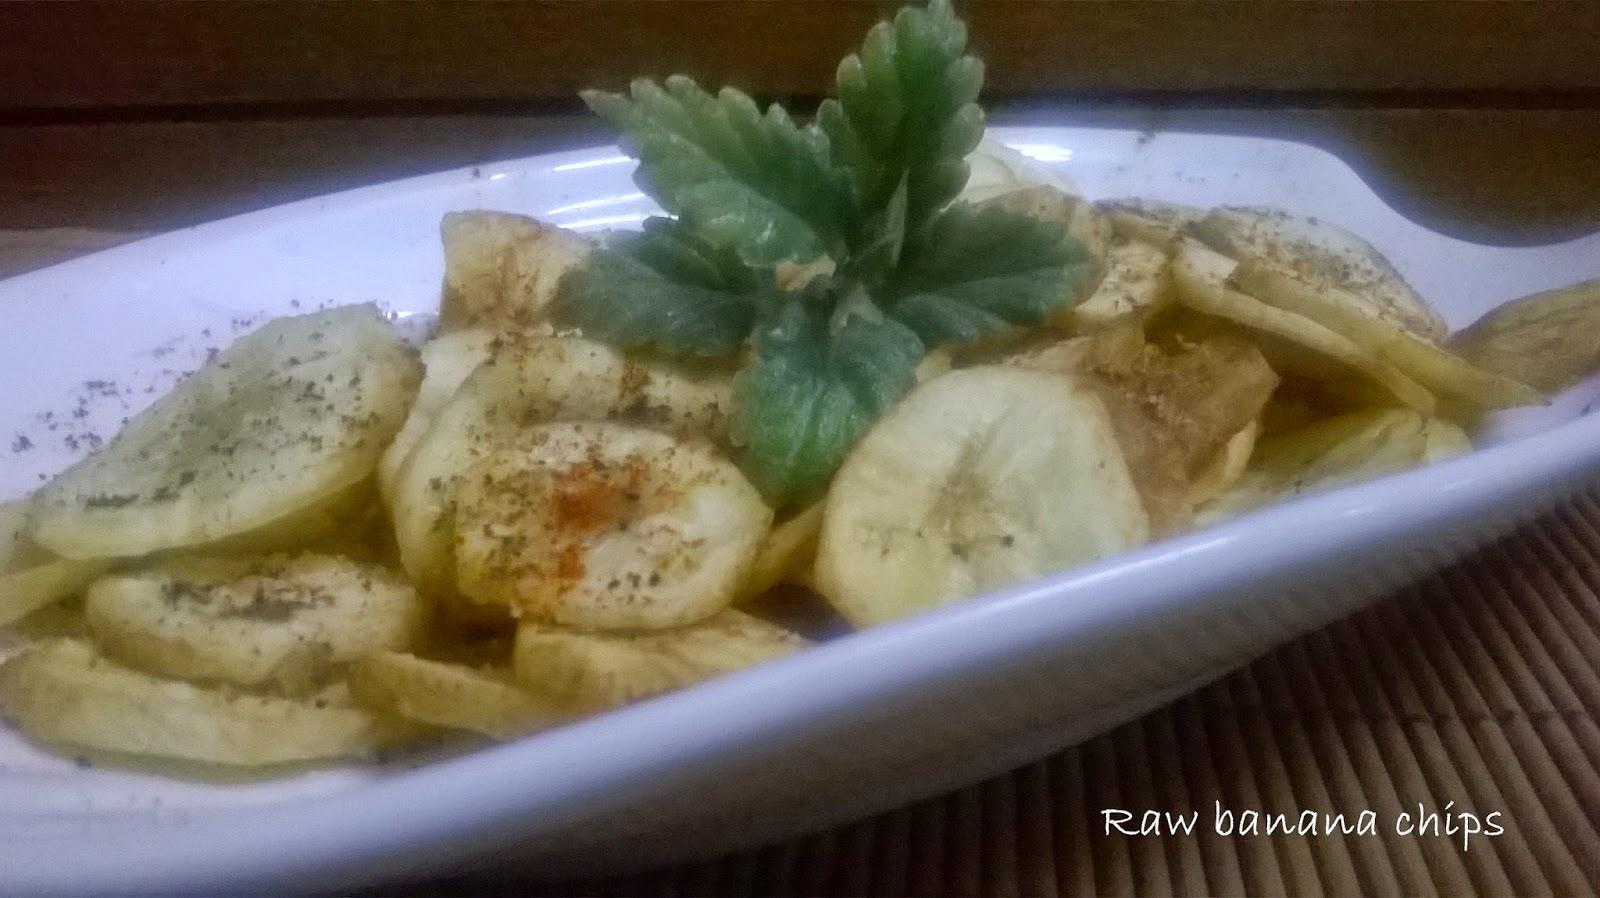 http://www.paakvidhi.com/2014/09/raw-banana-chips.html